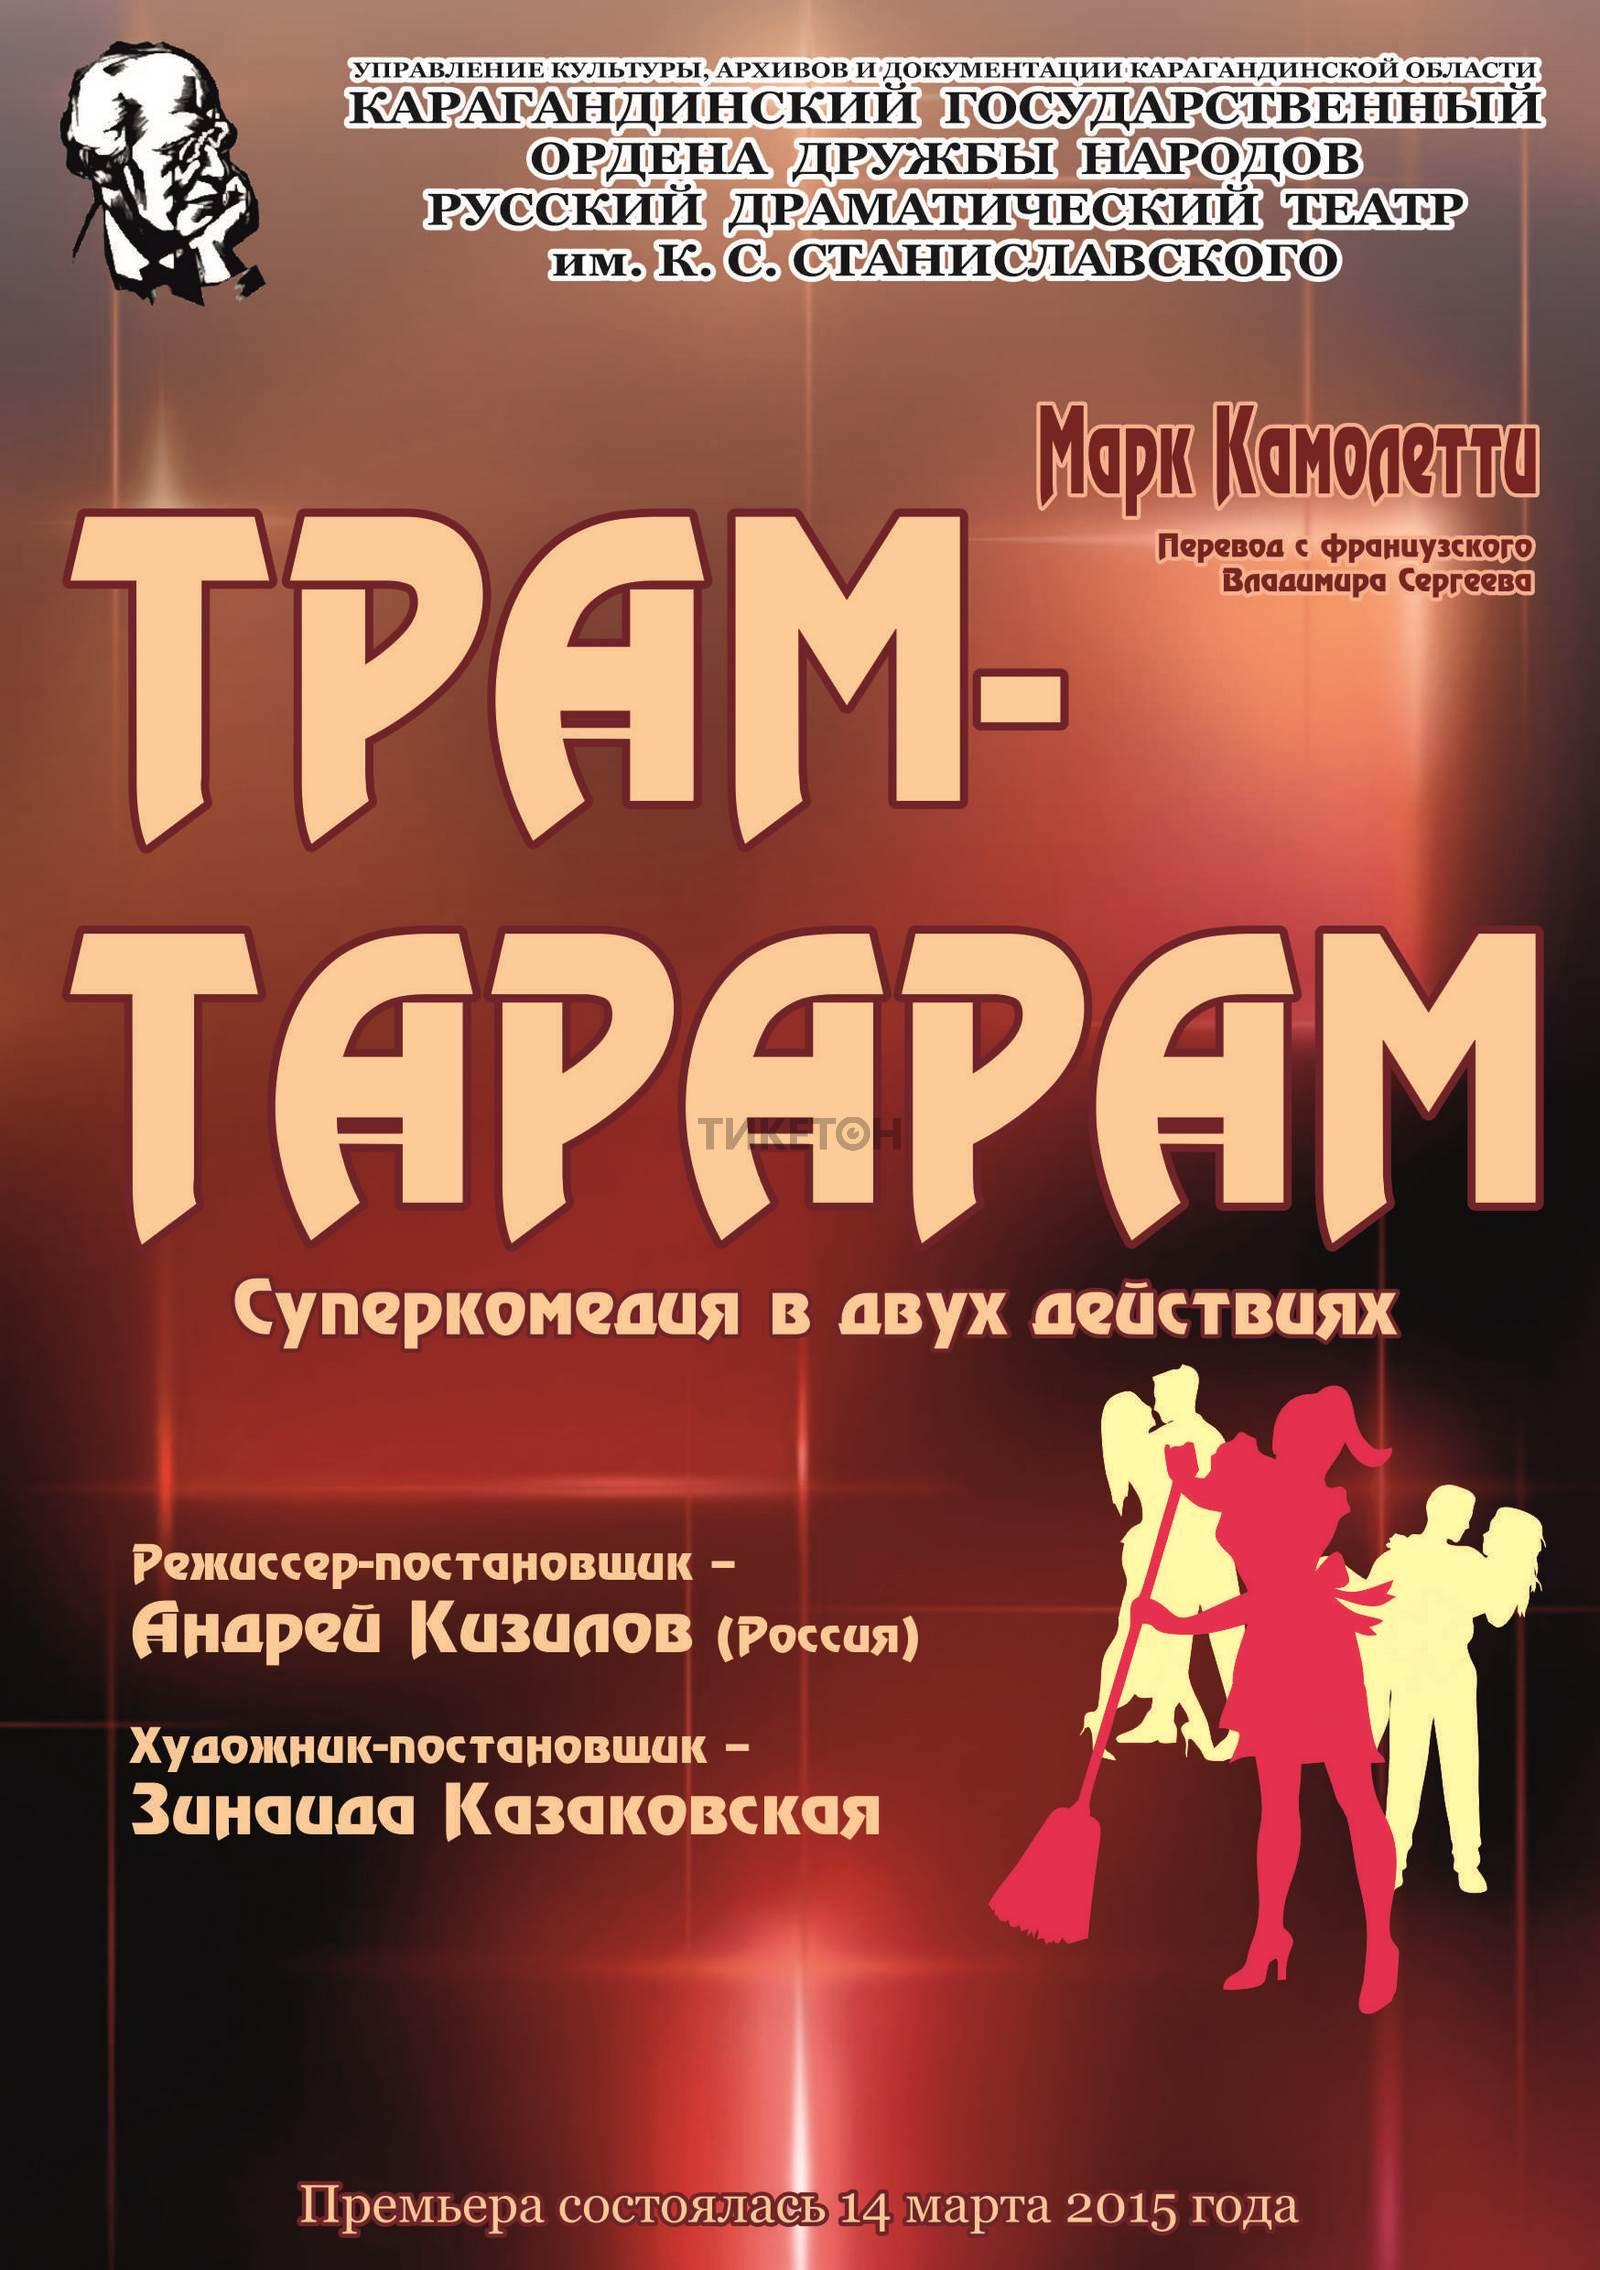 Трам-тарарам (TS)